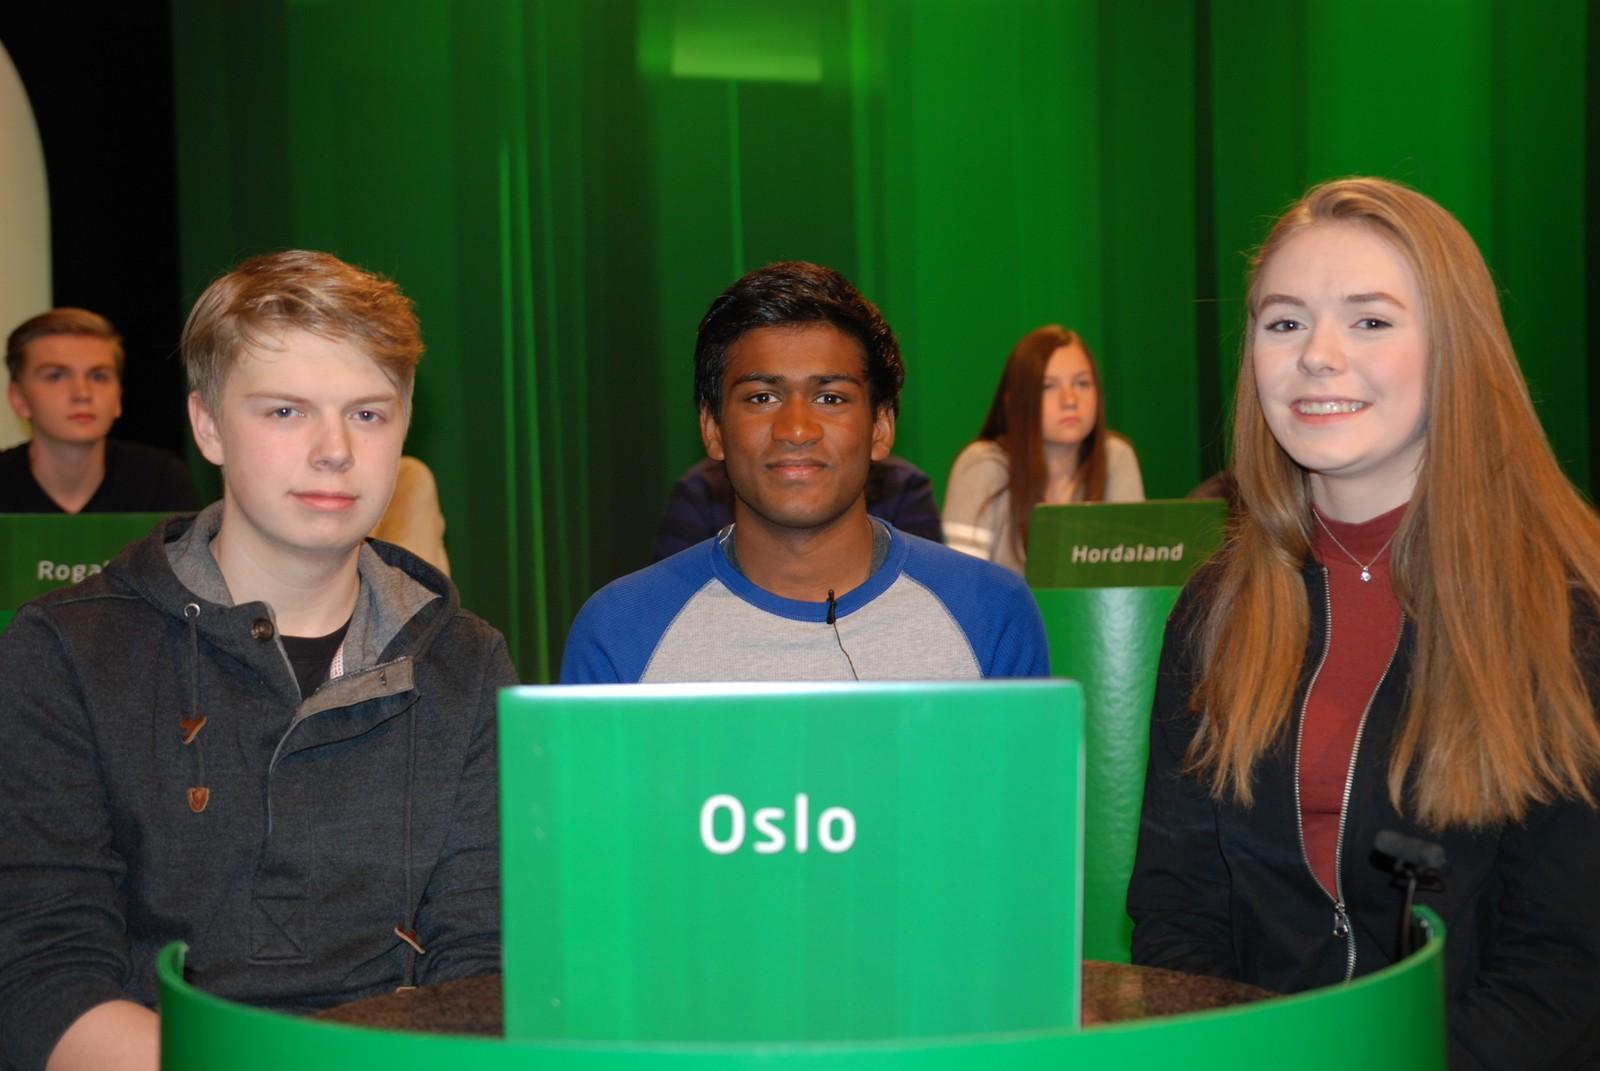 OSLO: Midtstuen skole representert ved Kristine Lauvstad Kruken, Francis Moskvil og Aroran Philip.